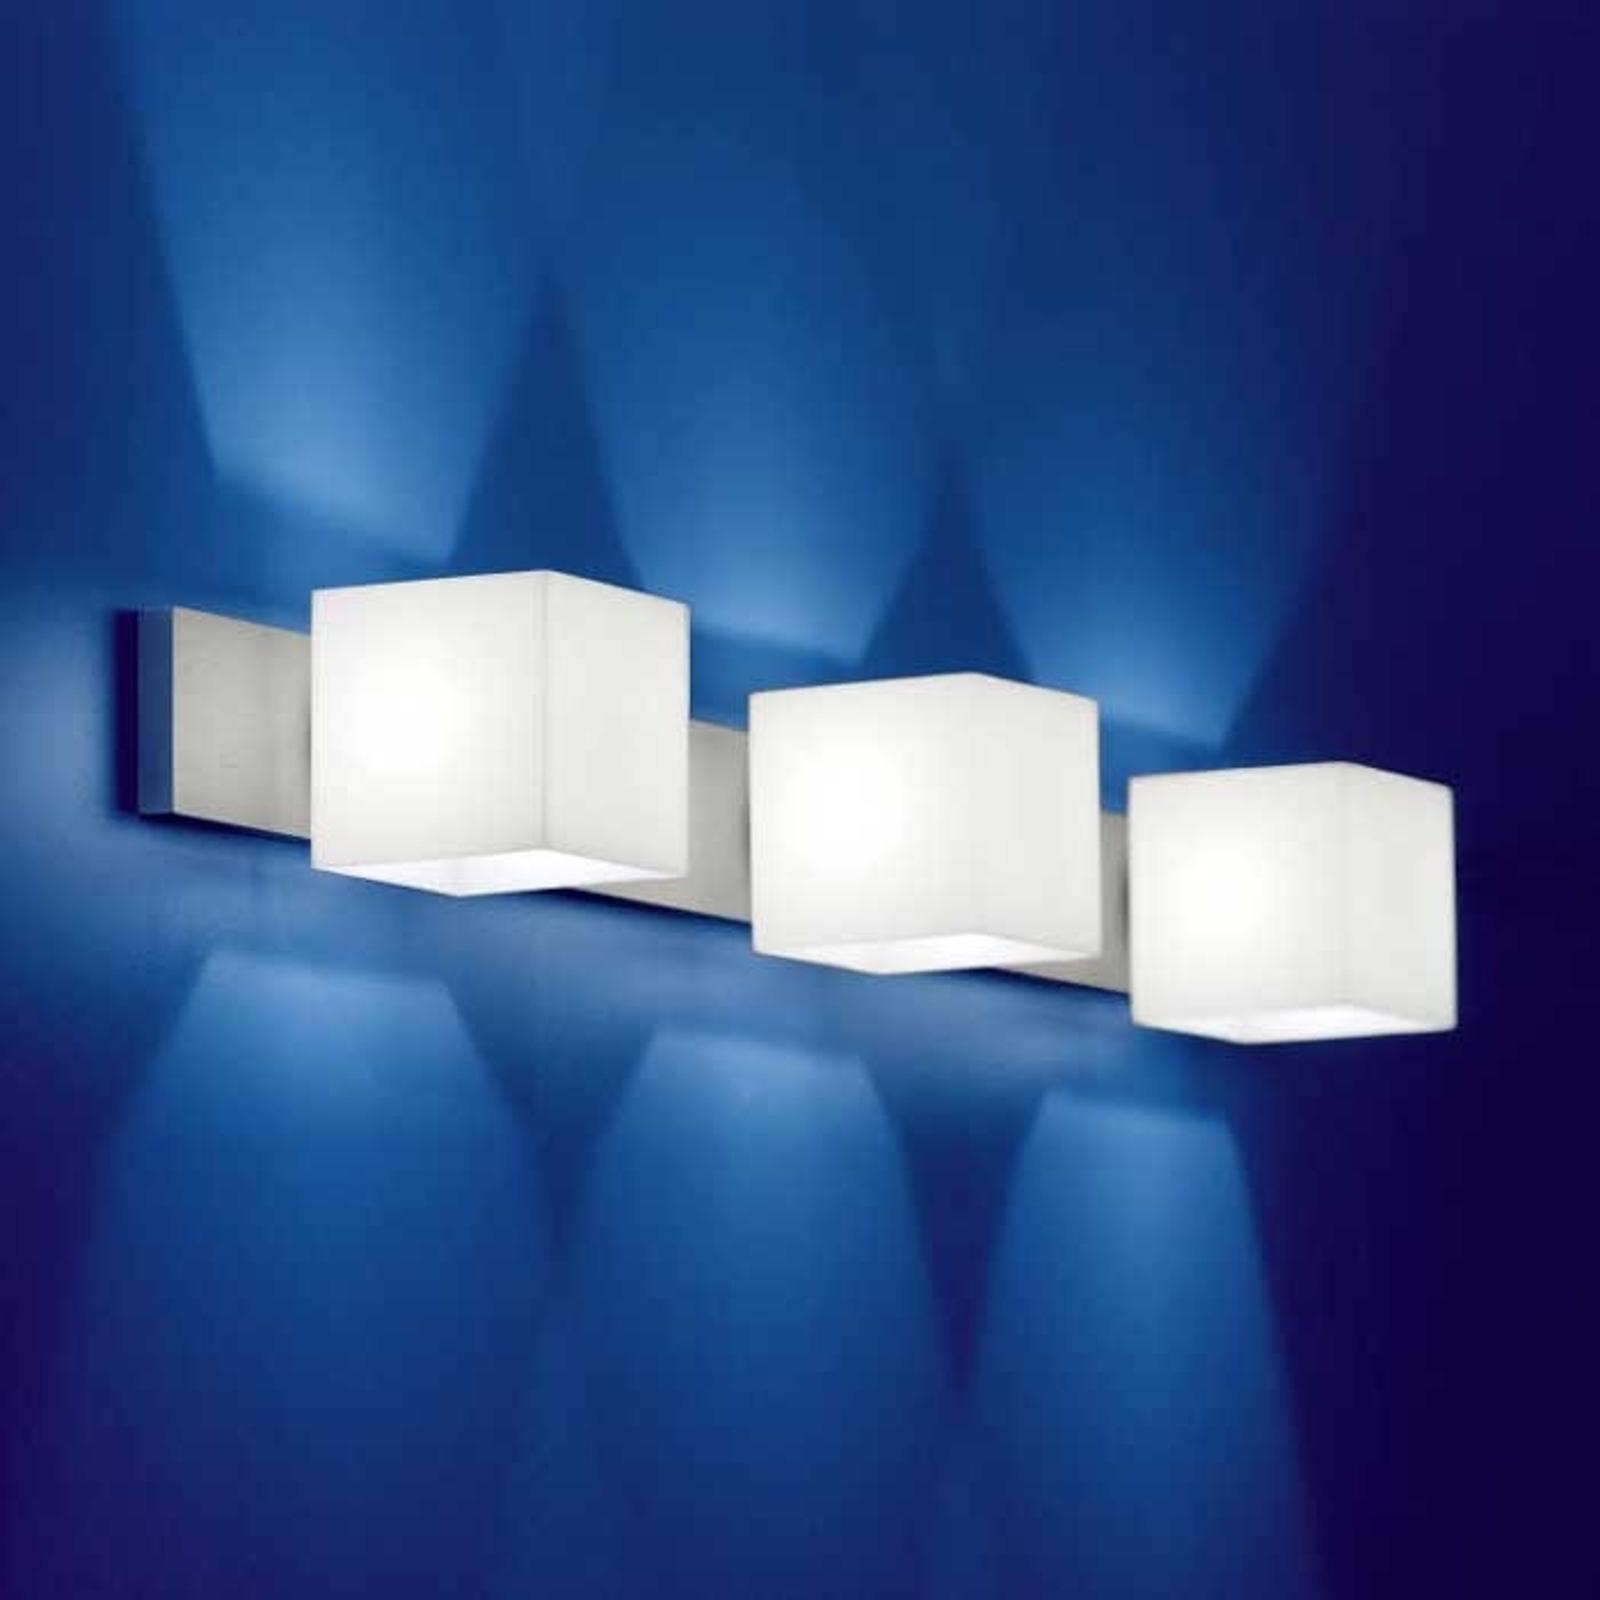 Casablanca Cube nástěnné světlo s třemi krychlemi